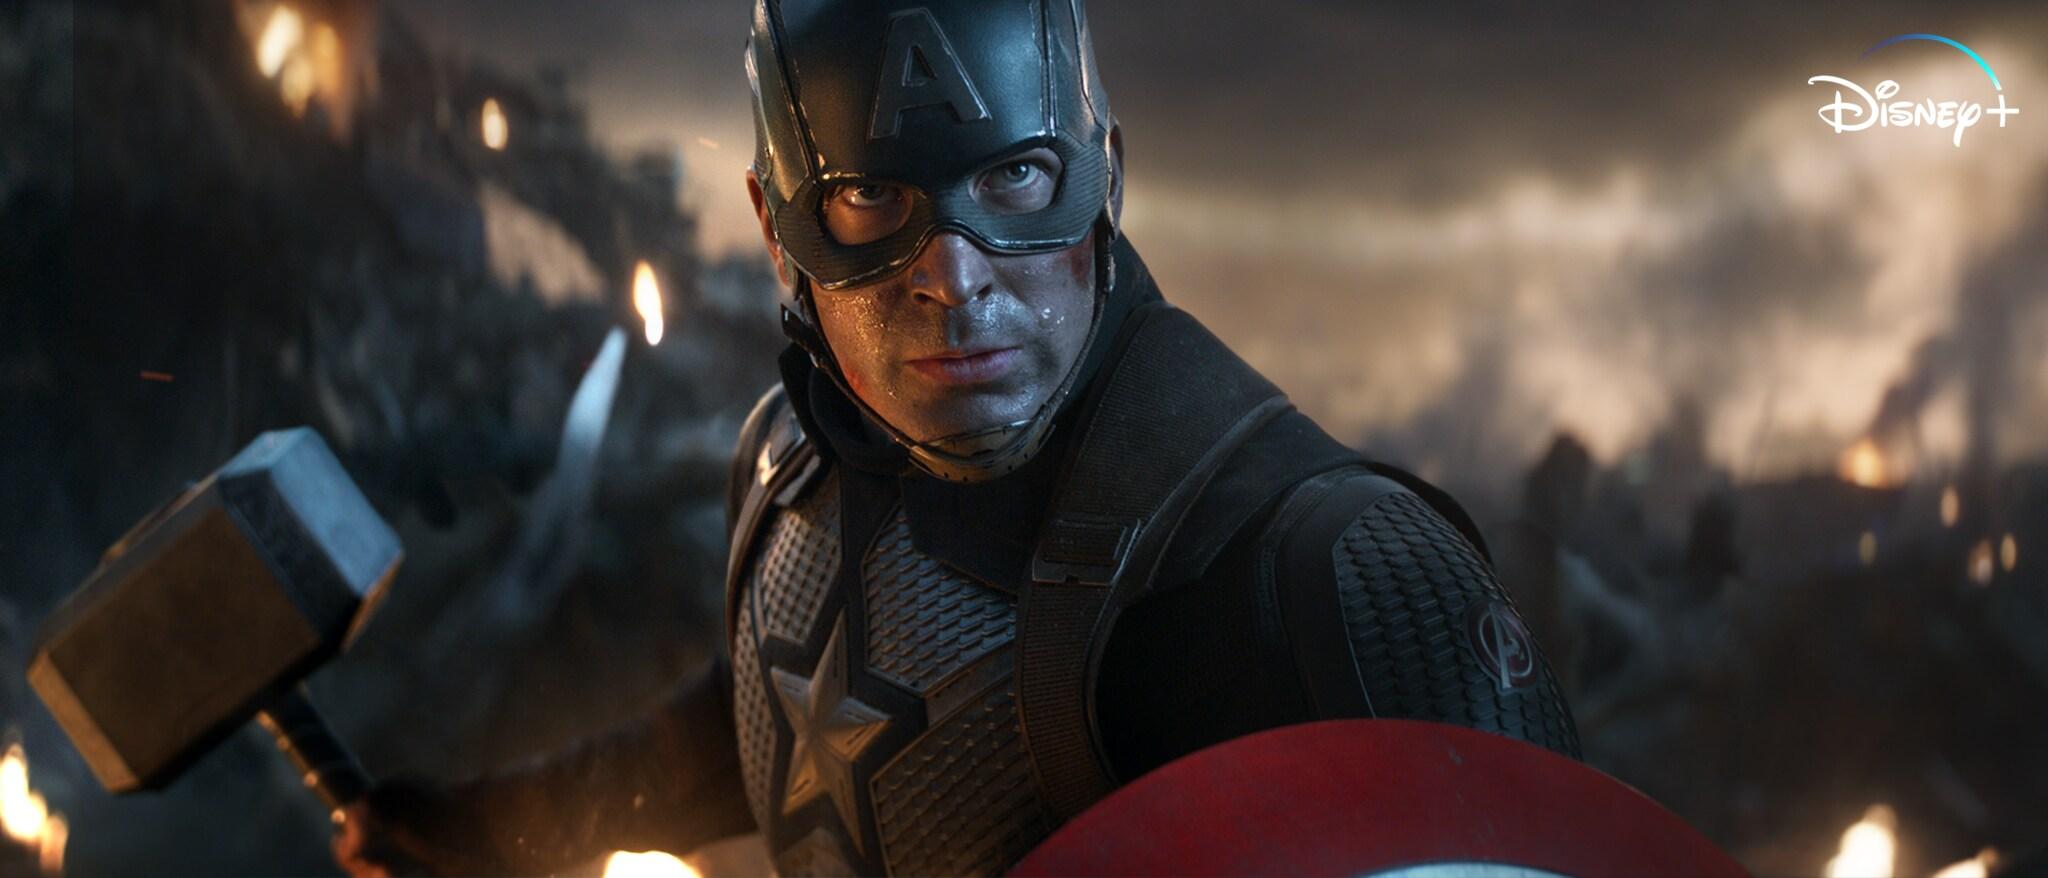 Avengers: Endgame Hero Streaming